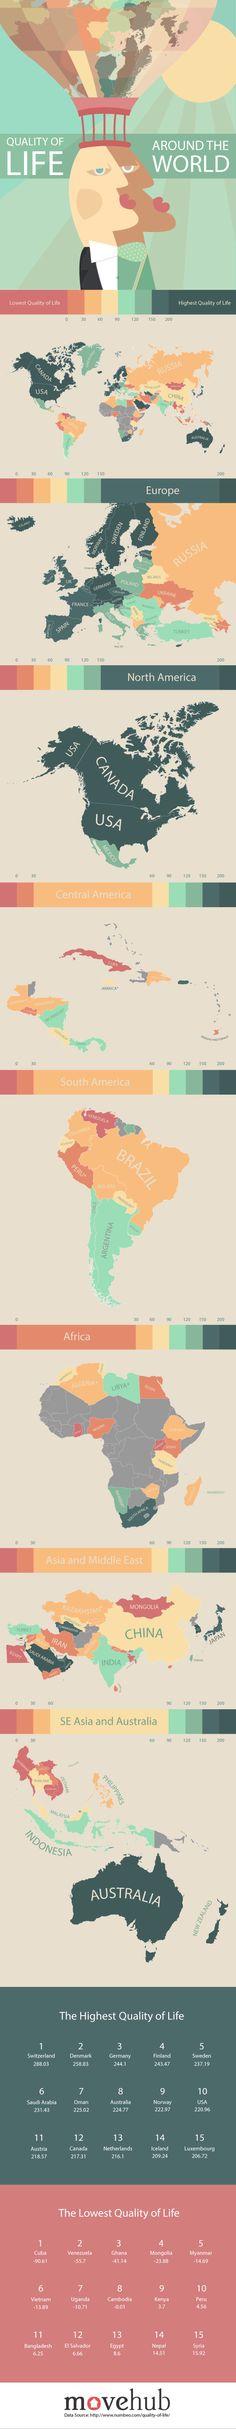 Índice de calidad de vida de @movehub #mapa #relacionesinternacionales #diplomacia #marcapais #branding #diplomaciadigital